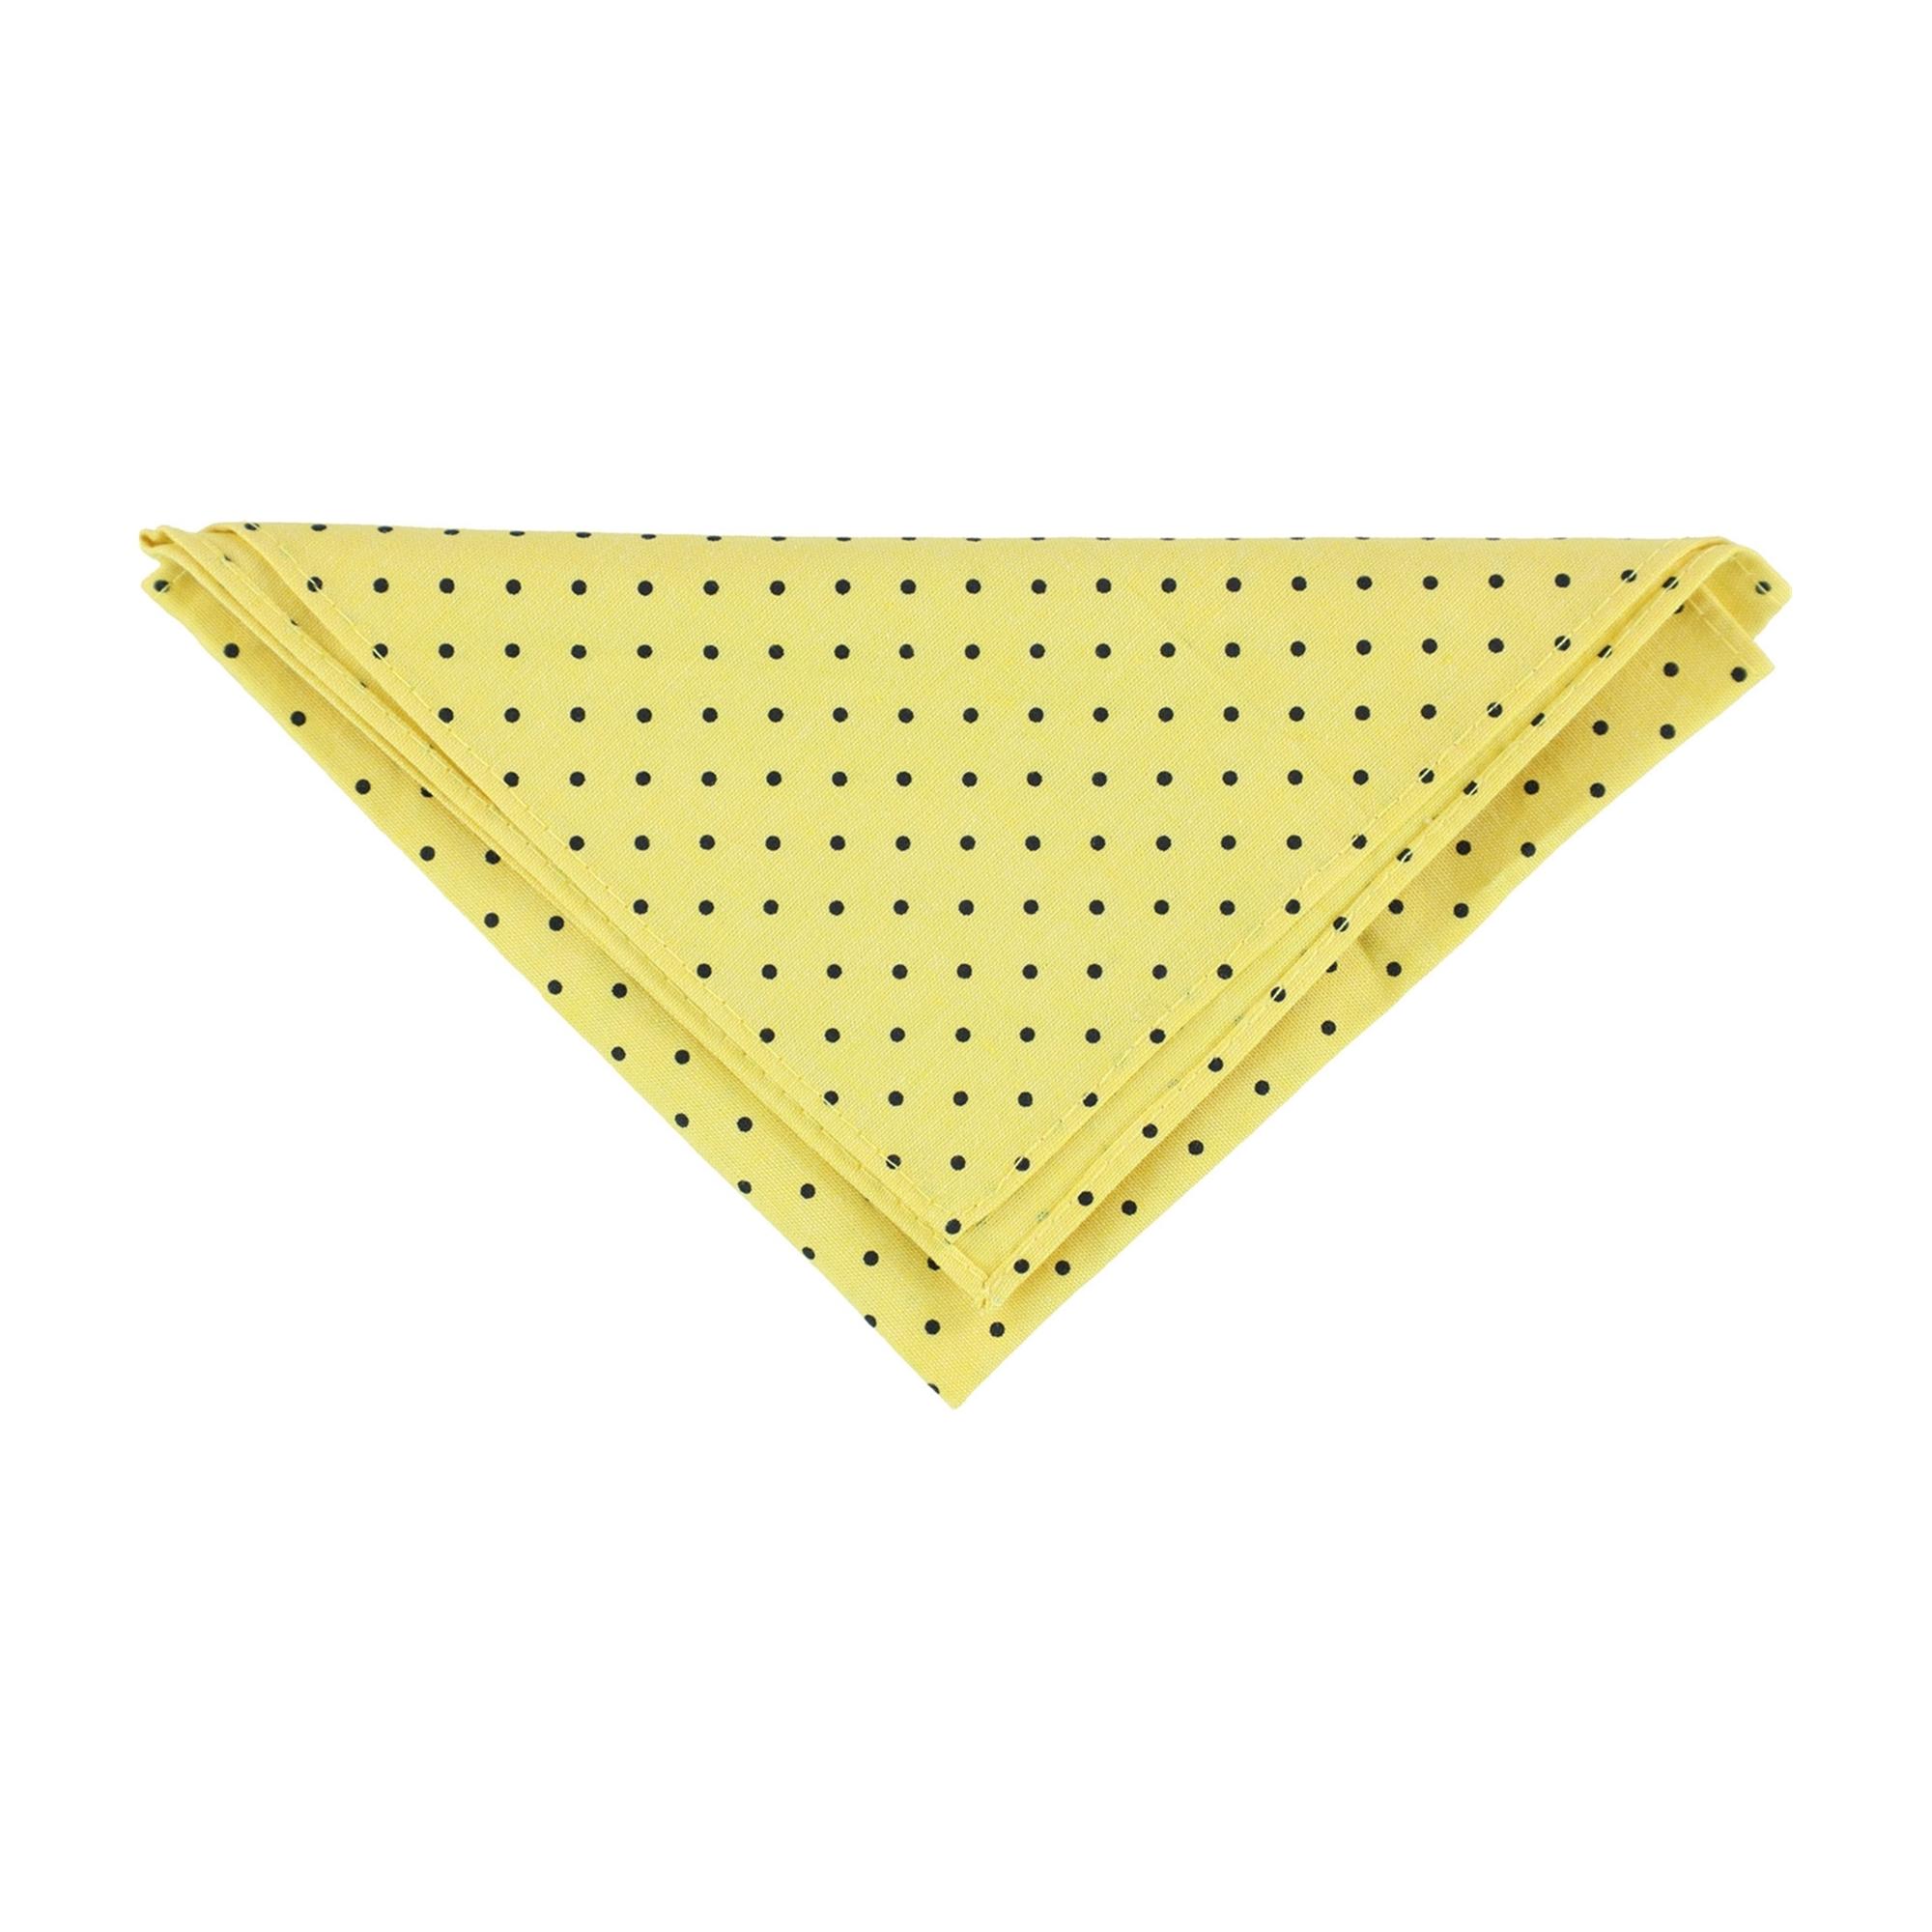 Tommy Hilfiger Mens Polka Dots Pocket Square